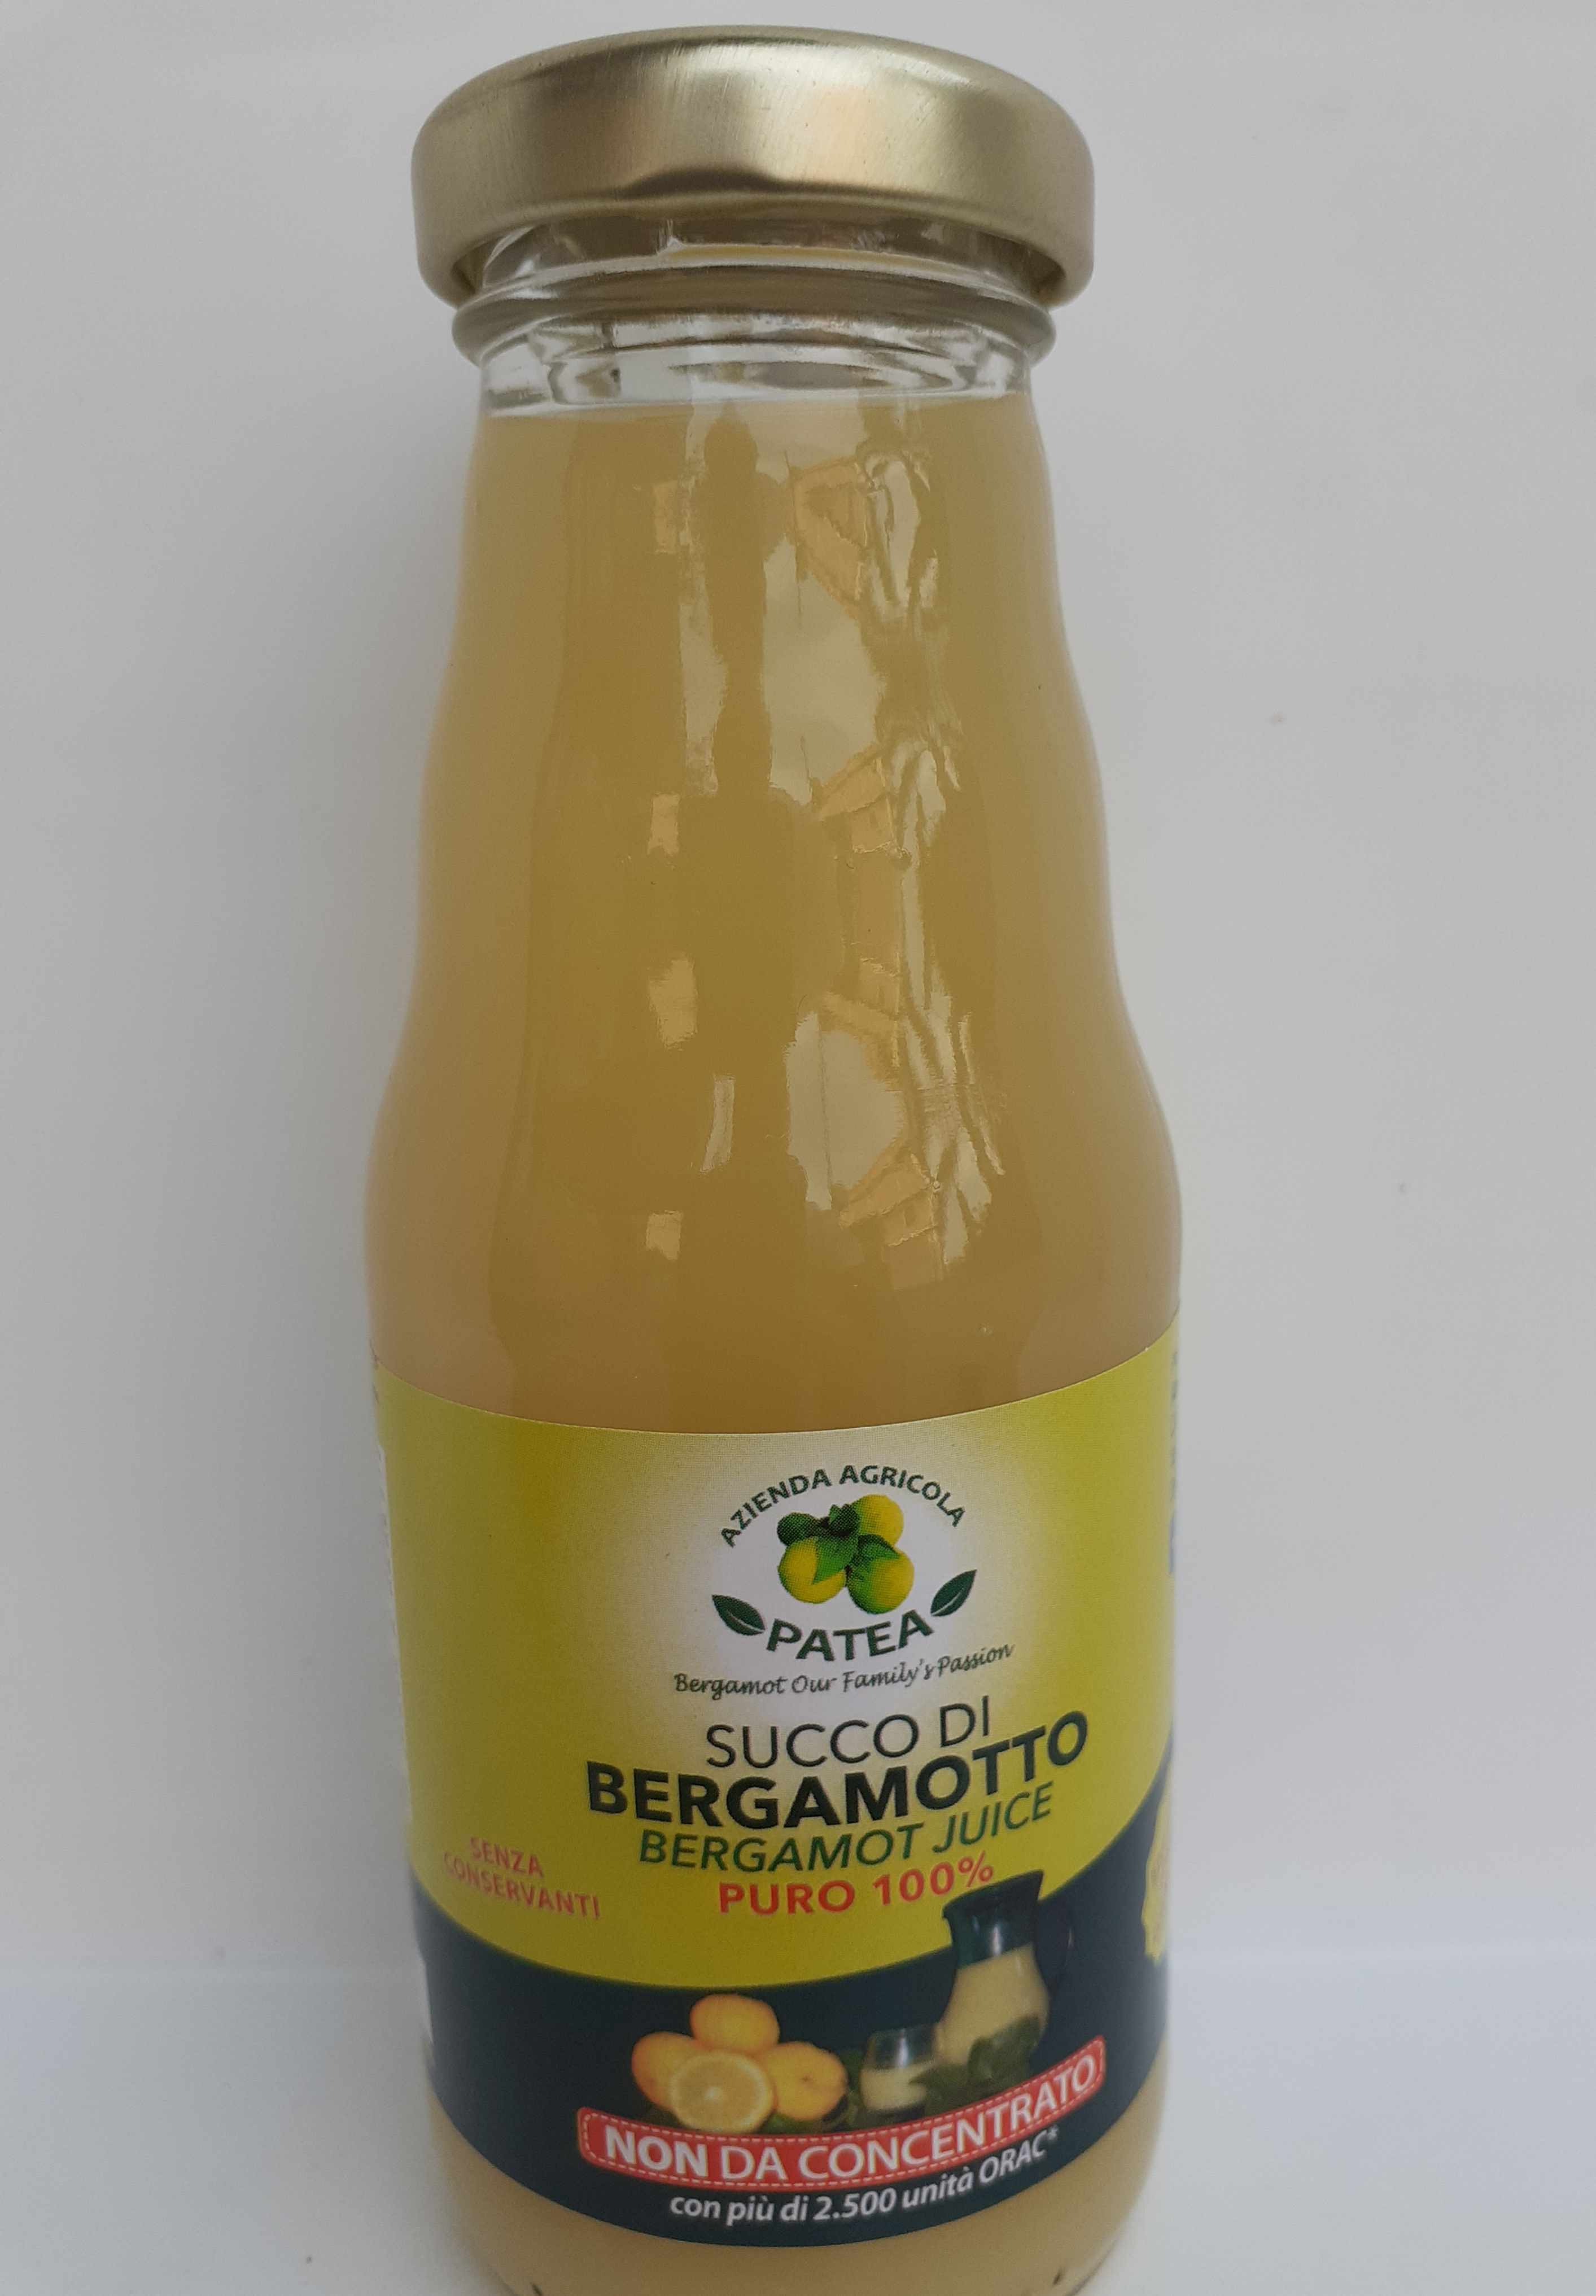 Succo di Bergamotto di Reggio Calabria 0,20 cl Puro 100%  senza conservanti non da concentrato con piu' di 2500 unita' orac